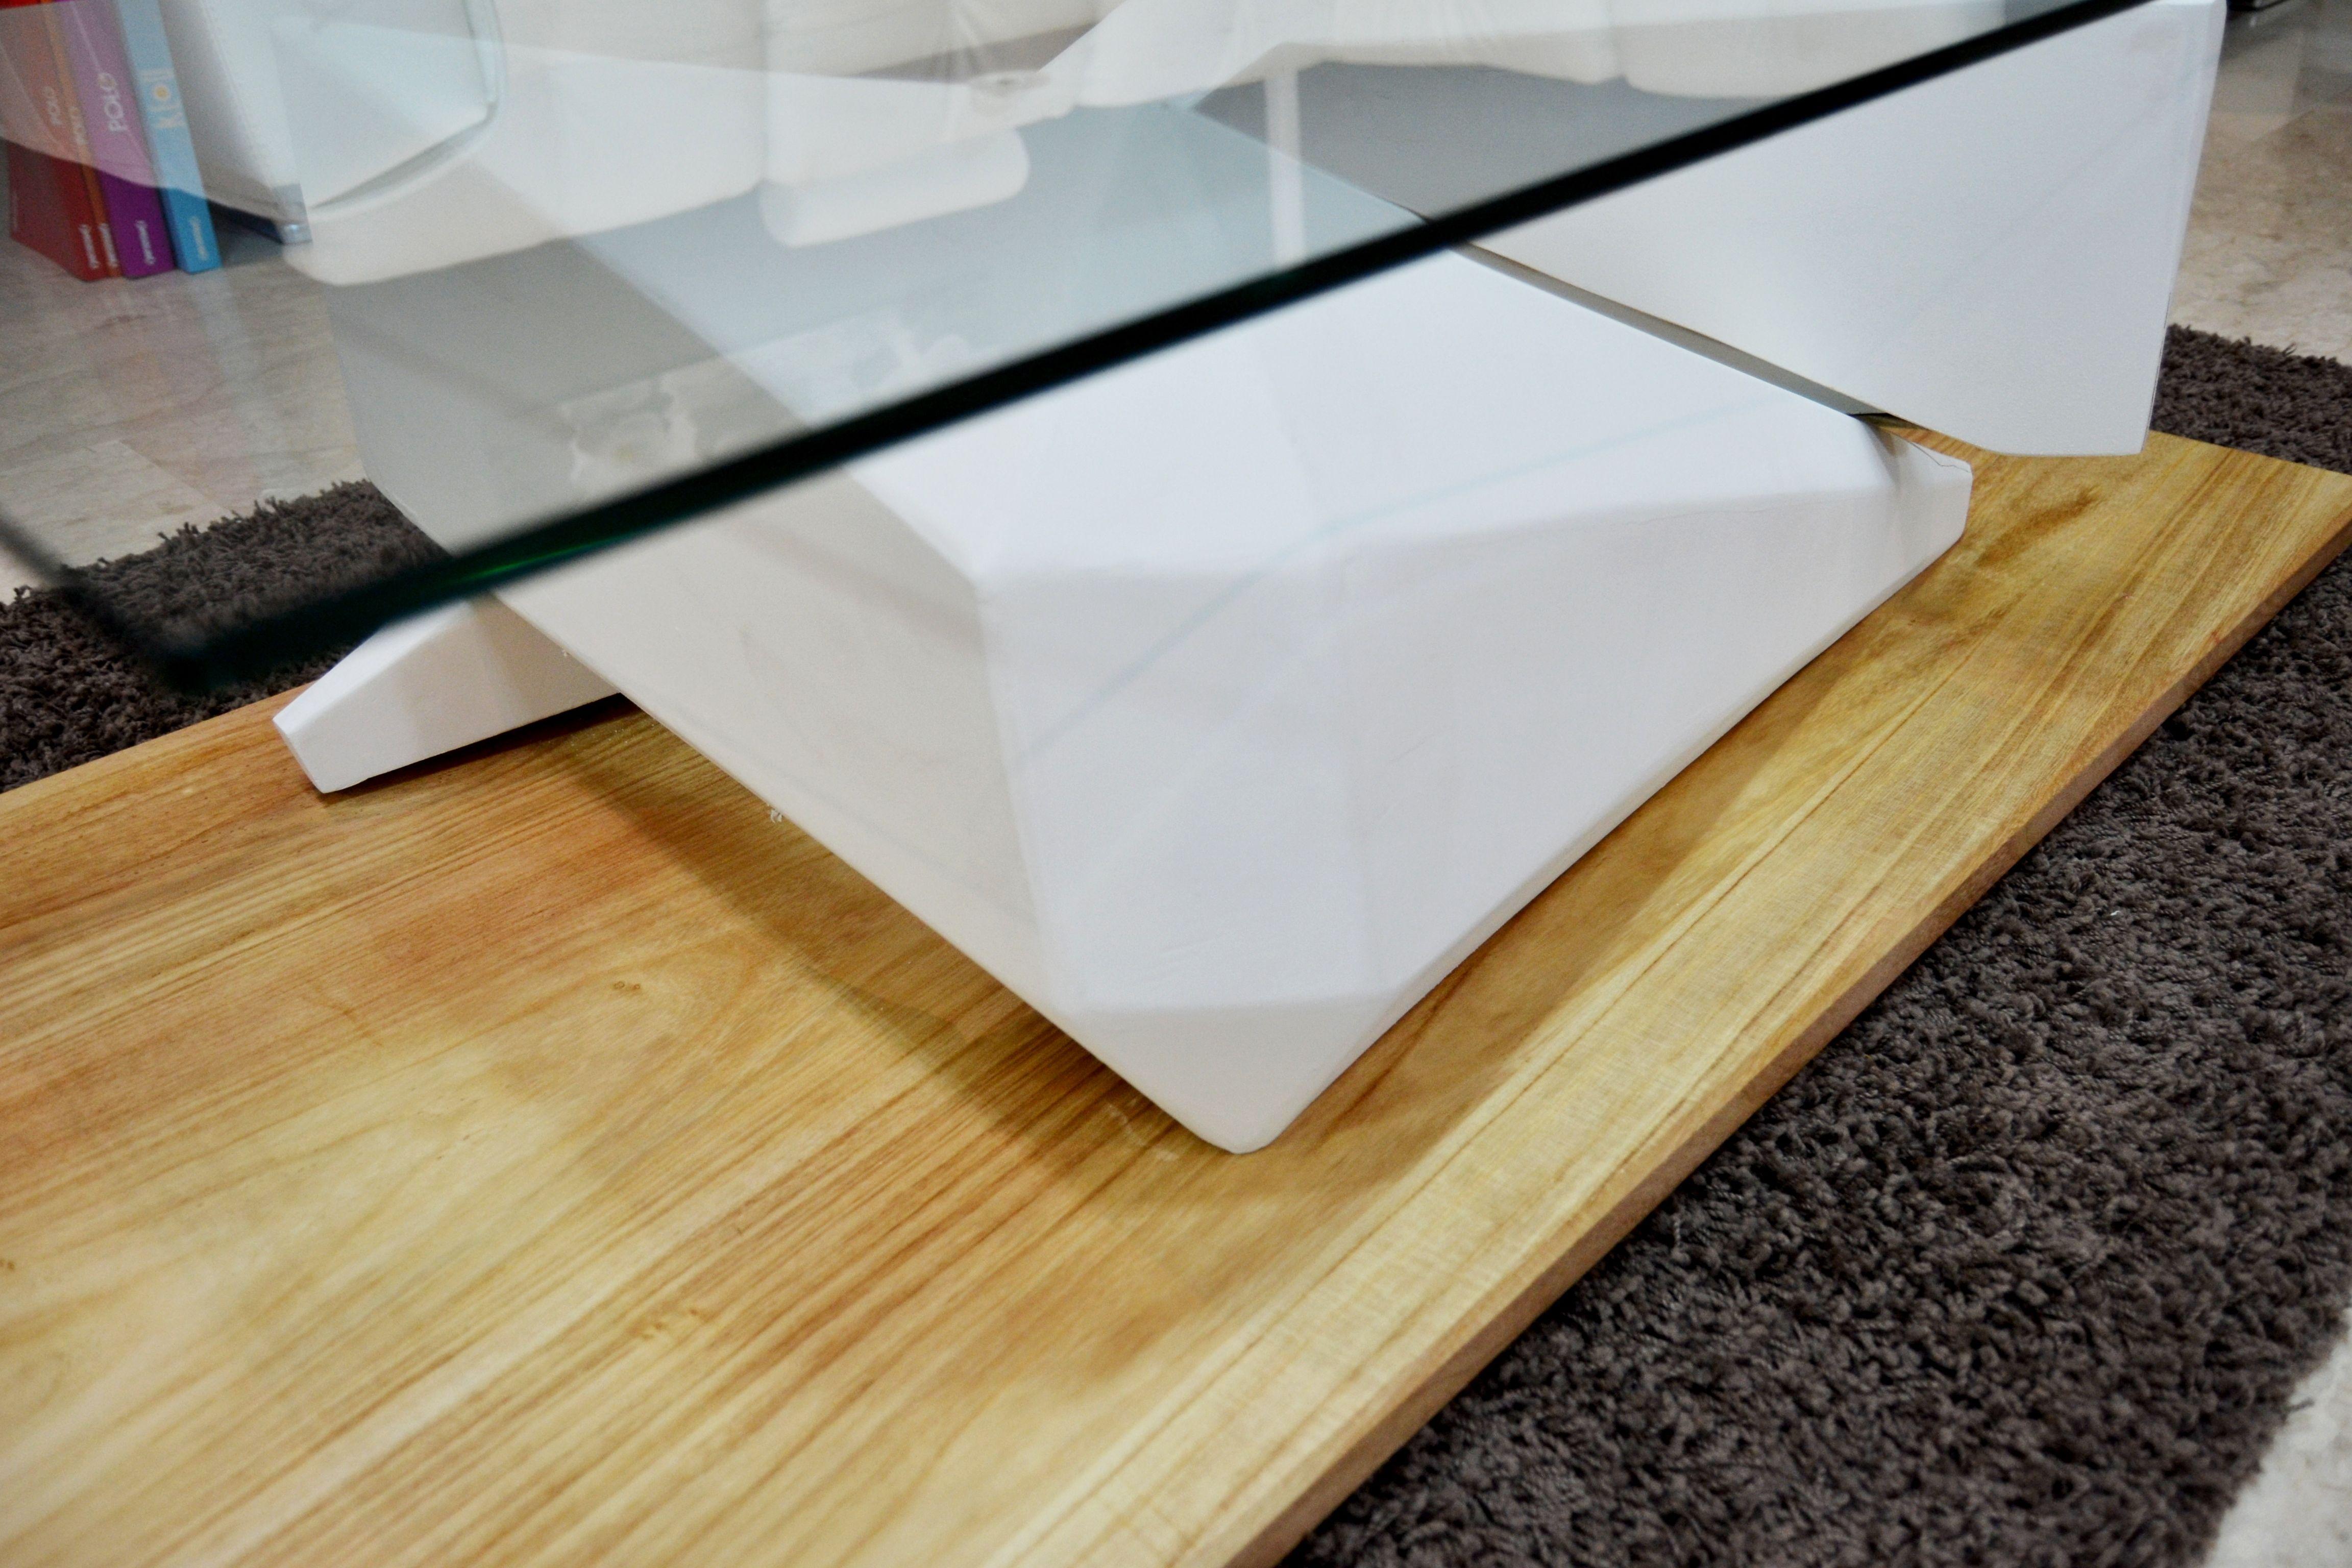 Tavolo legno e cristallo perfect affordable elegant sedie e tavoli da giardino se e tavoli roma - Gambe tavolo legno brico ...